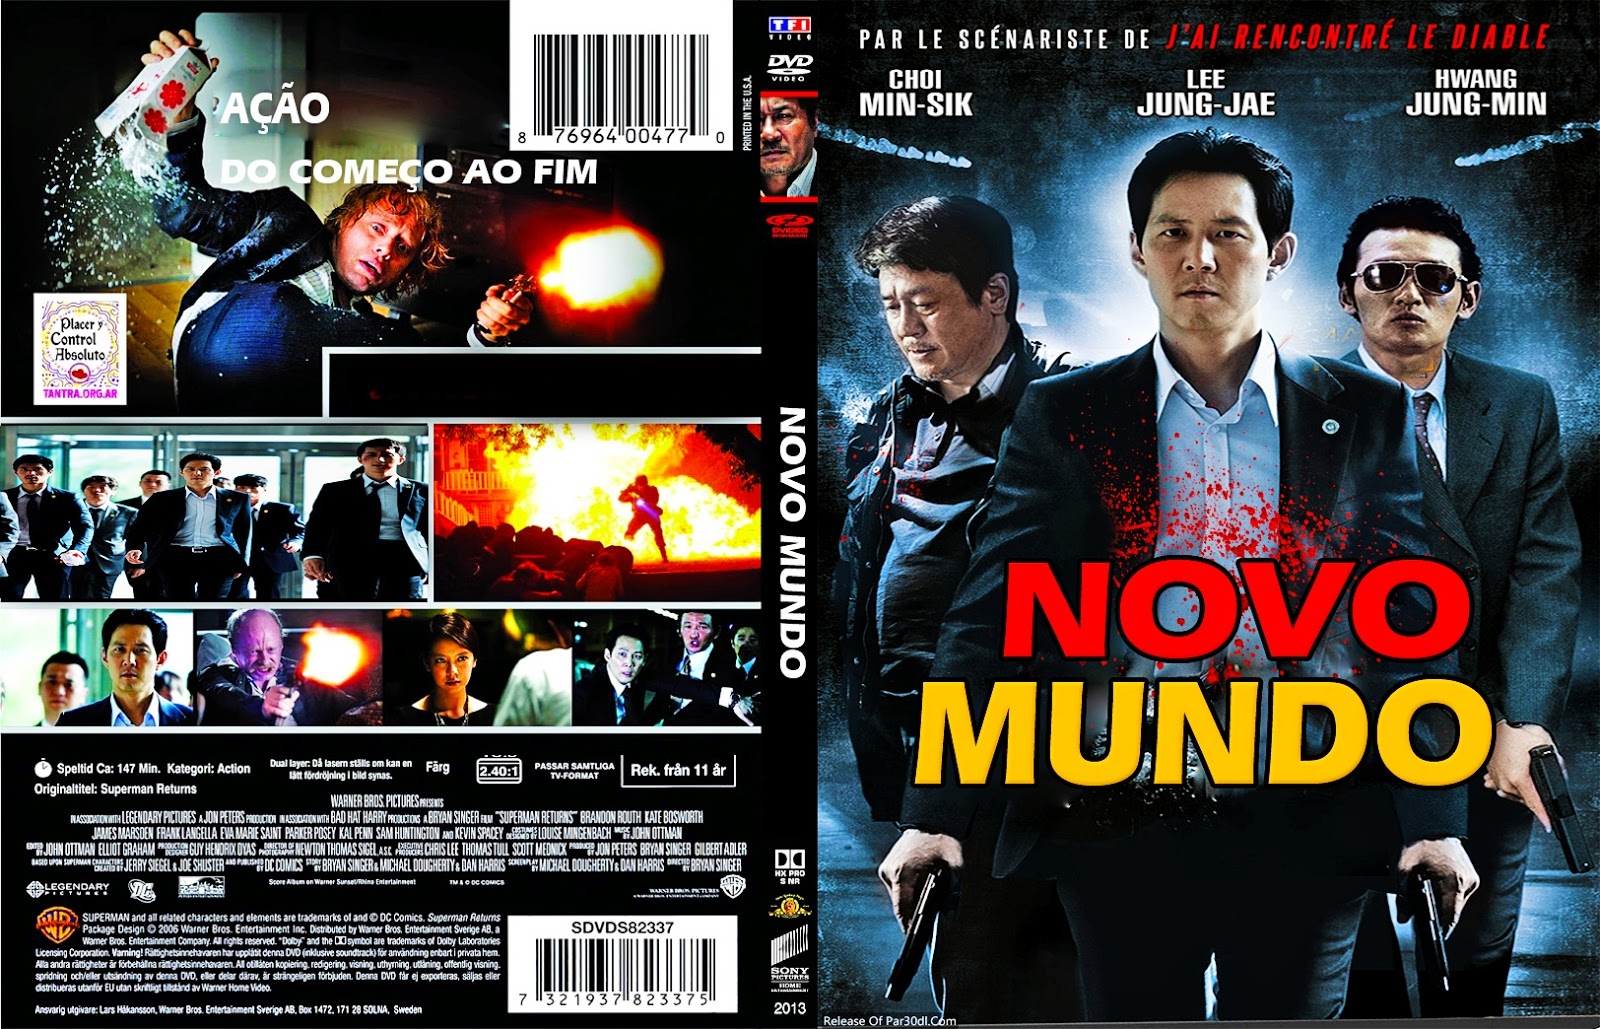 Baixar Novo Mundo BDRip XviD Dual Áudio NOVO 2BMUNDO